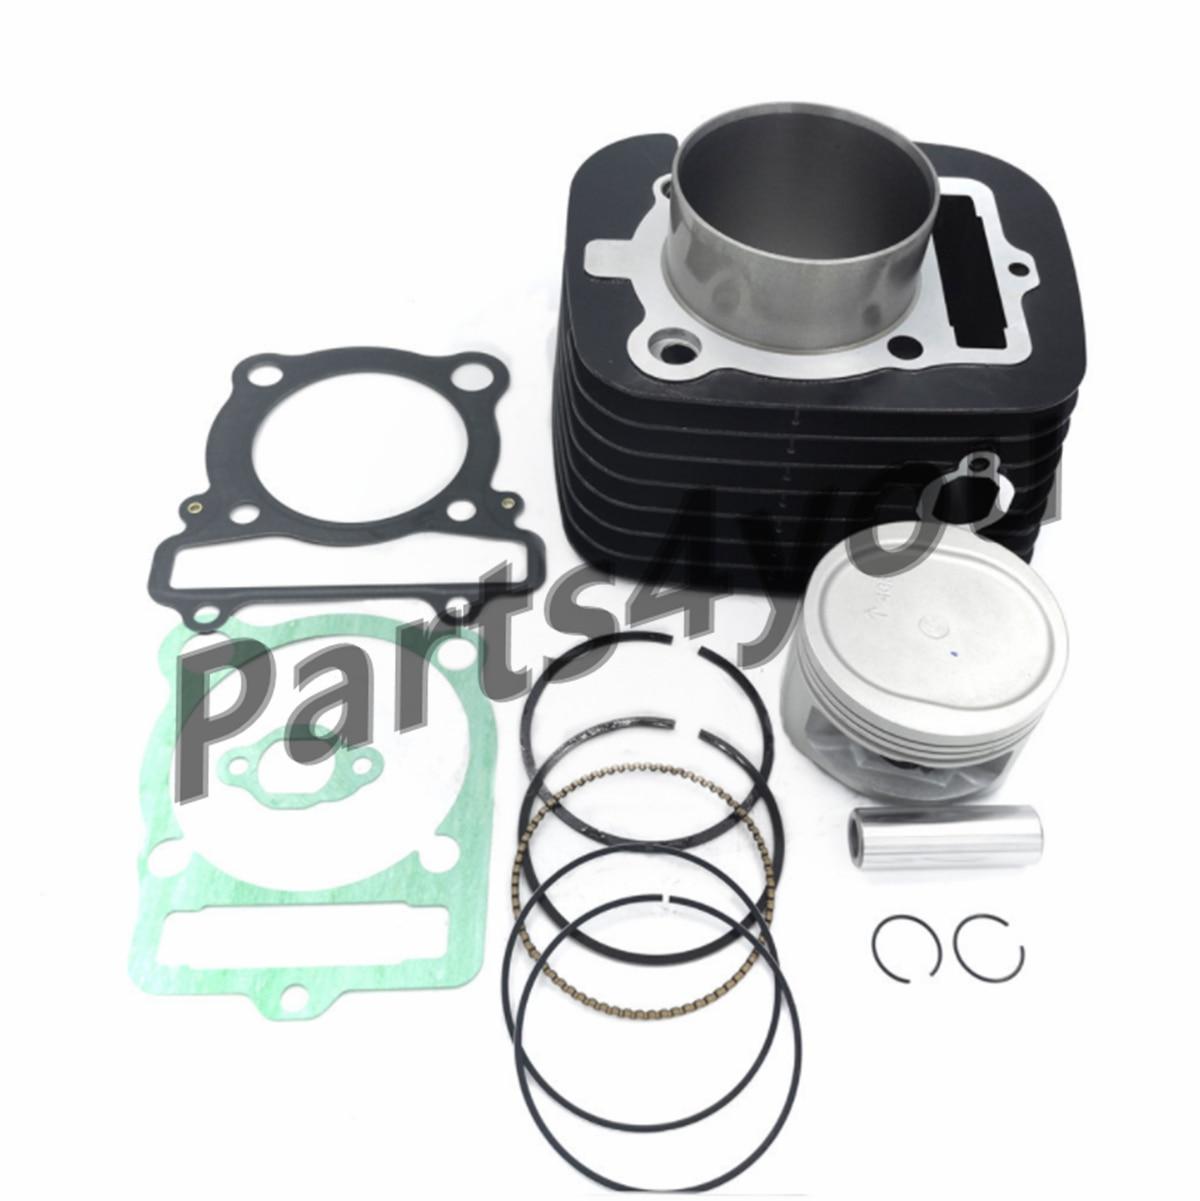 Cylinder Piston Gasket Kit for Yamaha Big Bear 400 4x4 IRS Kodiak Hunter 83mm Bore 5FU-11310-01-00 5FU-11310-00-00 enlarge